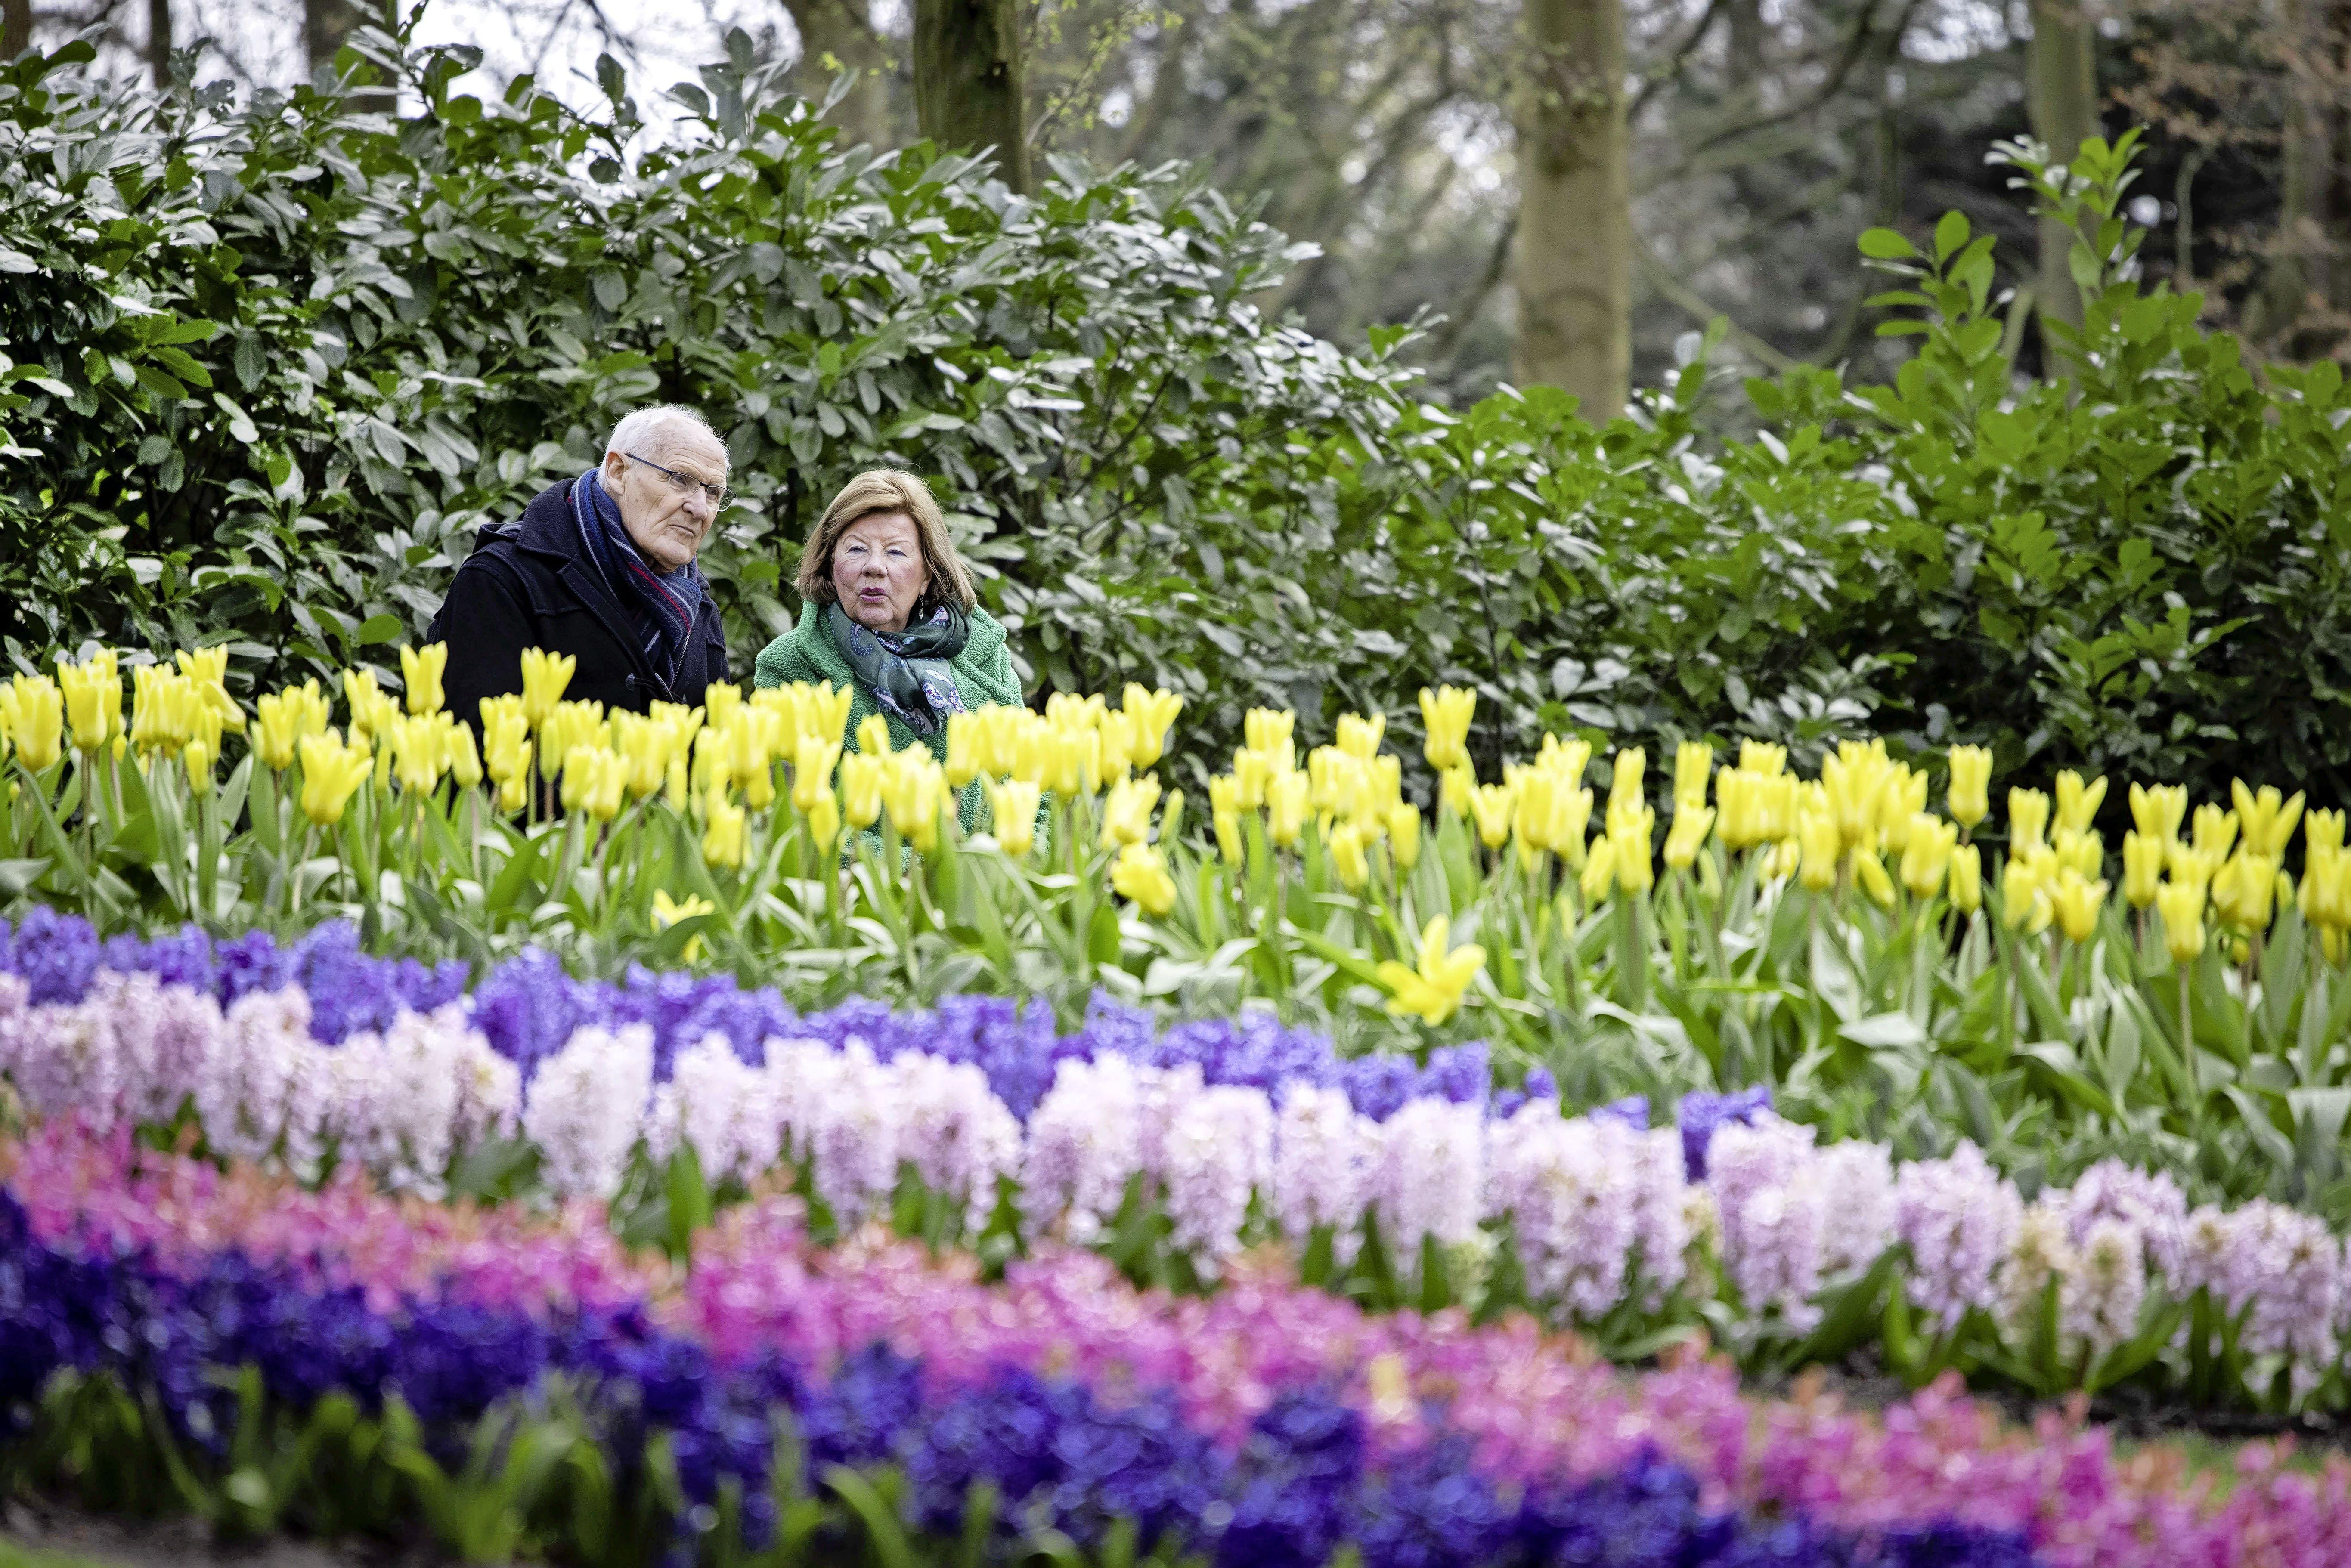 Directeur Bart Siemerink blij met oproep burgemeester Henri Lenferink om Keukenhof weer dagelijks open te stellen: 'Het is hier veel veiliger dan in een publiekspark'